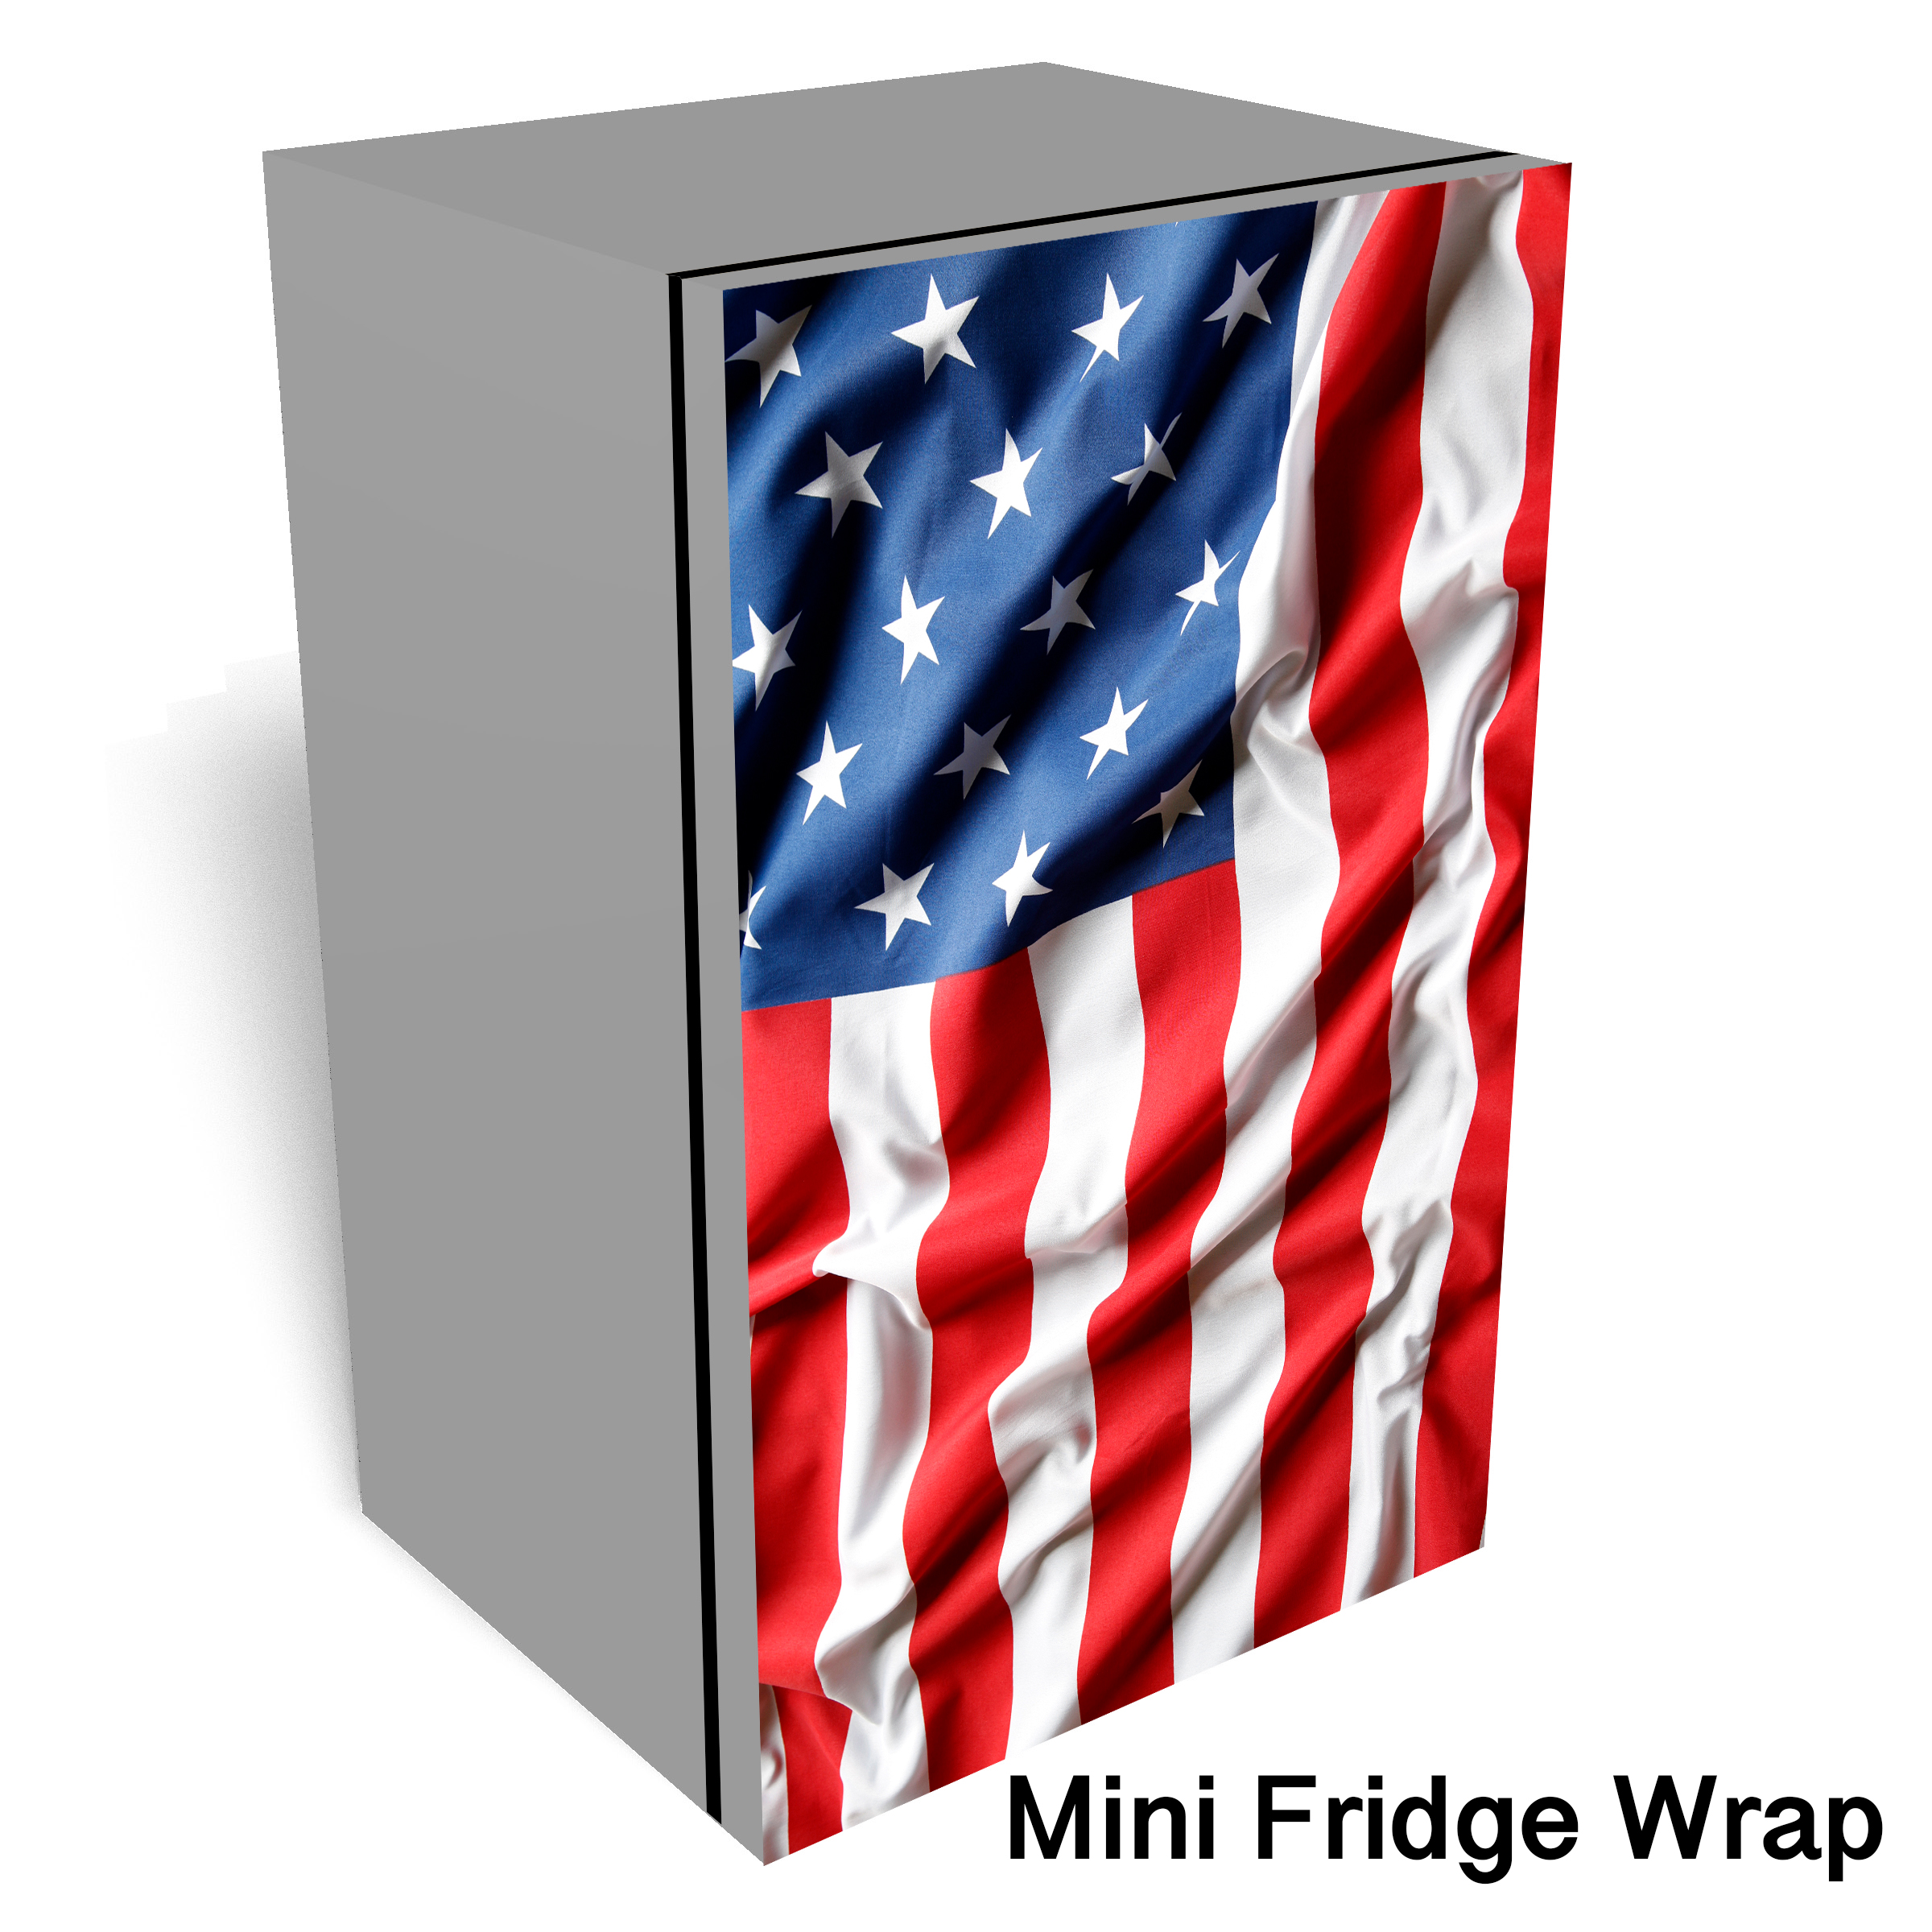 Coca Cola Rustic Vending Machine Mini Fridge Wrap